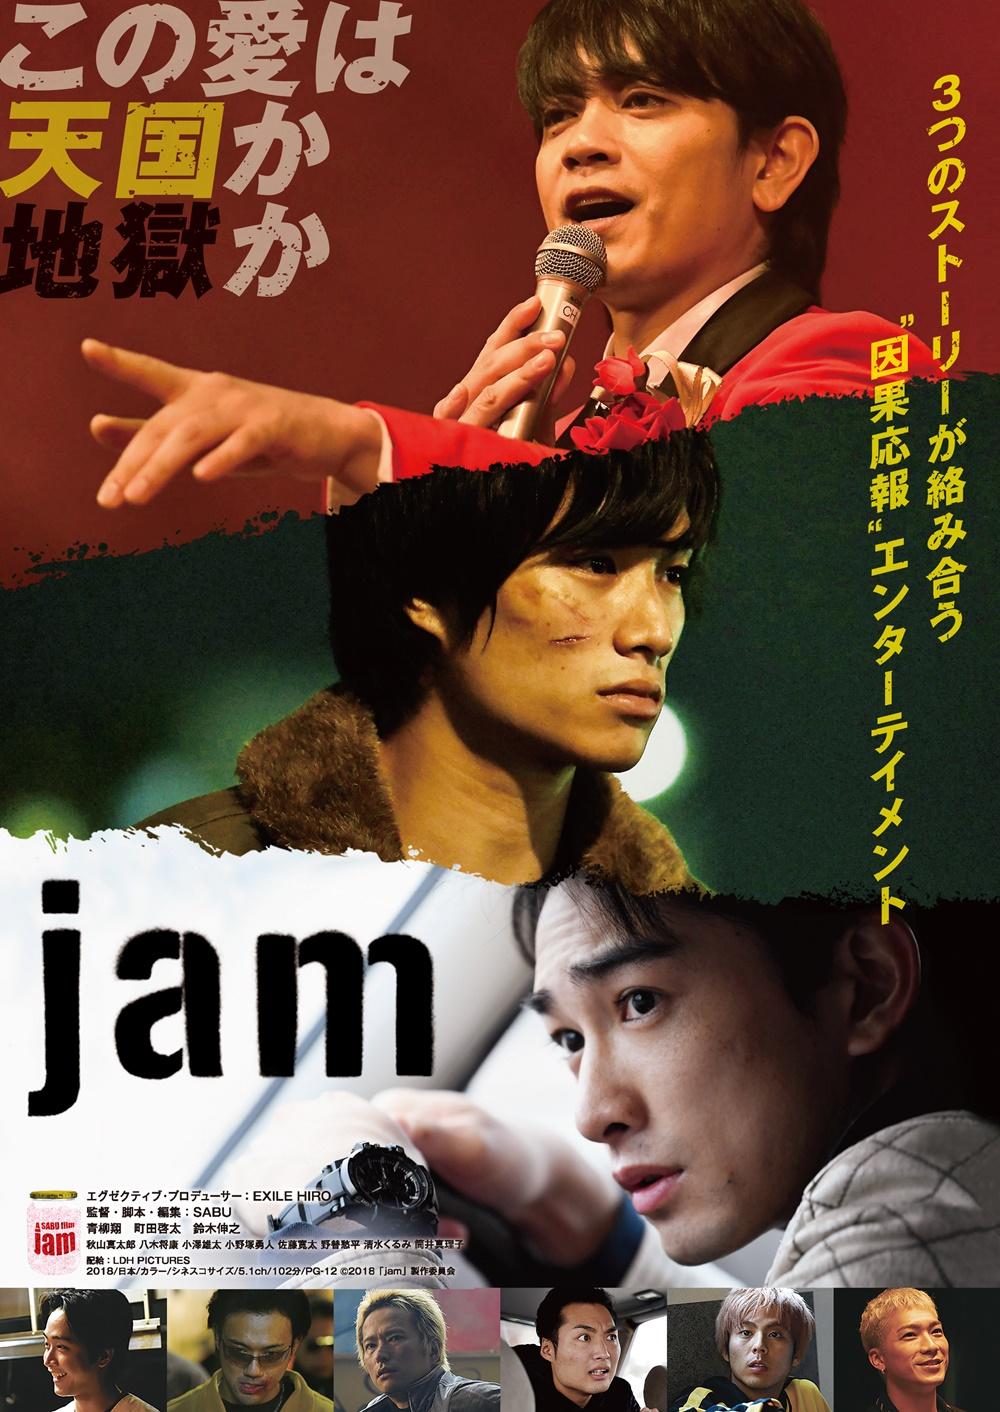 【画像】映画『jam』キービジュアル